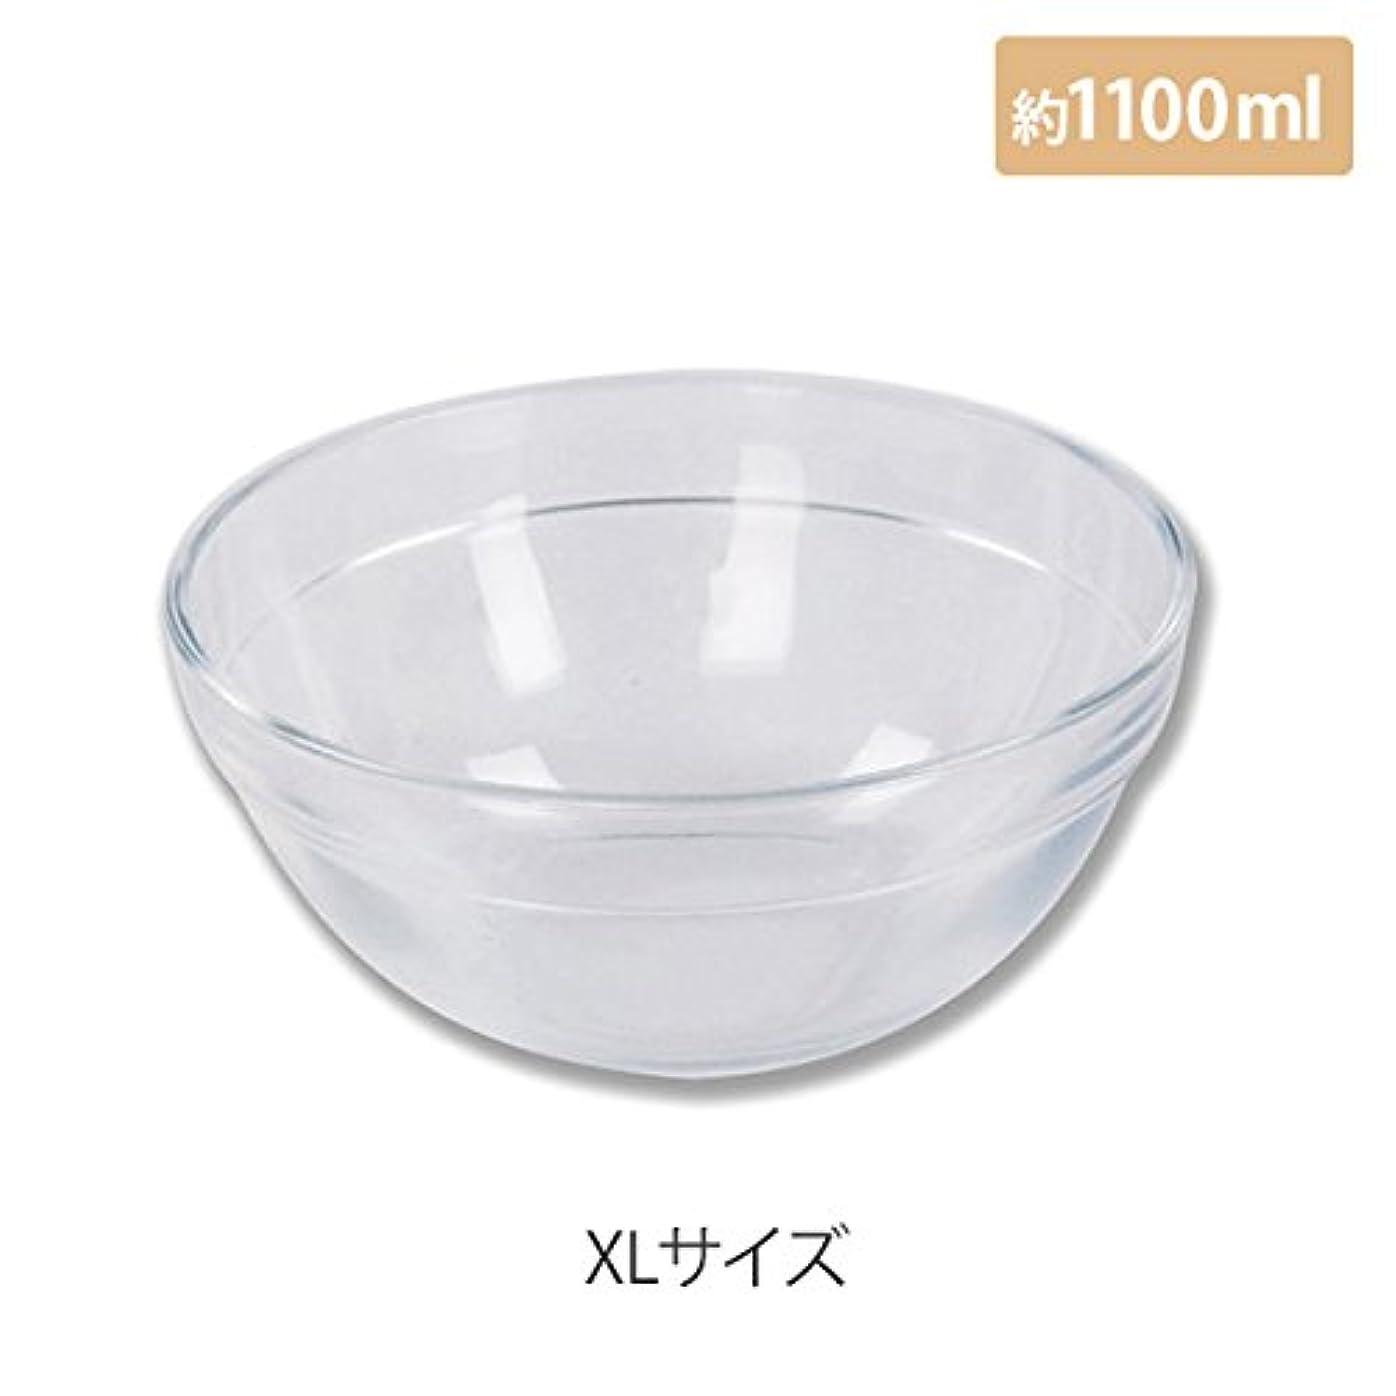 栄光の煩わしい一般的にマイスター プラスティックボウル (XLサイズ) クリア 直径20cm [ プラスチックボール カップボウル カップボール エステ サロン プラスチック ボウル カップ 割れない ]